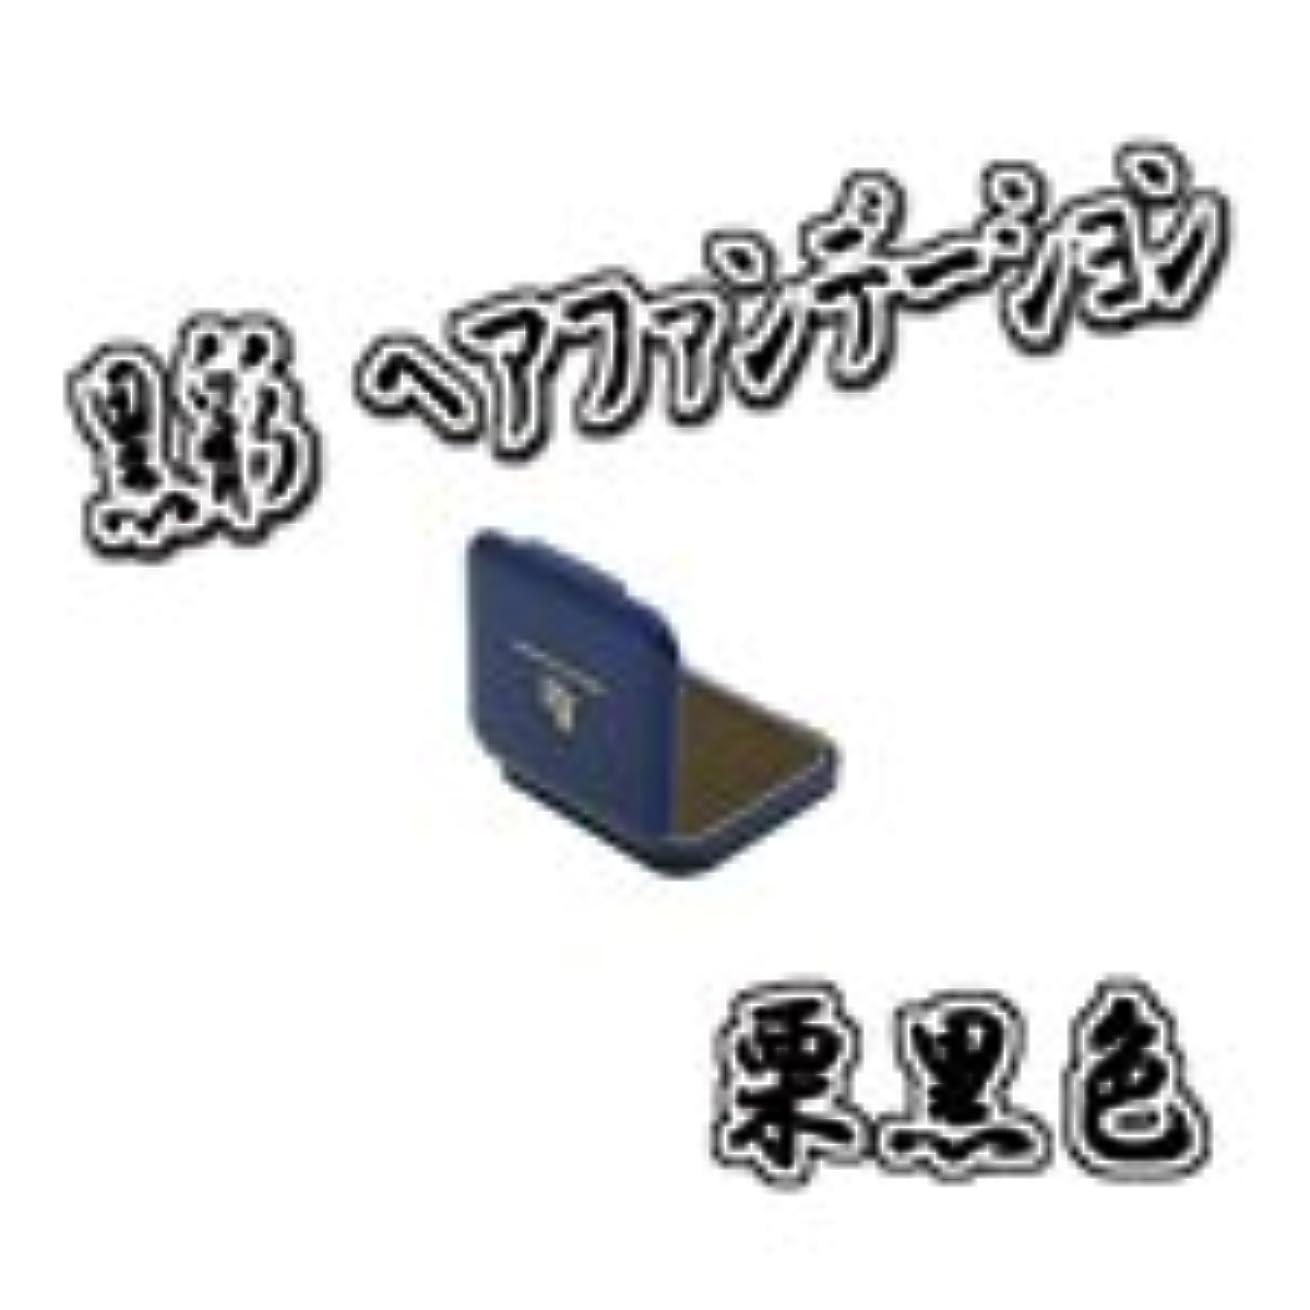 赤字講師選挙AMOROS アモロス 黒彩 ヘアファンデーション 【栗黒】 13g ミニケース パフ付き